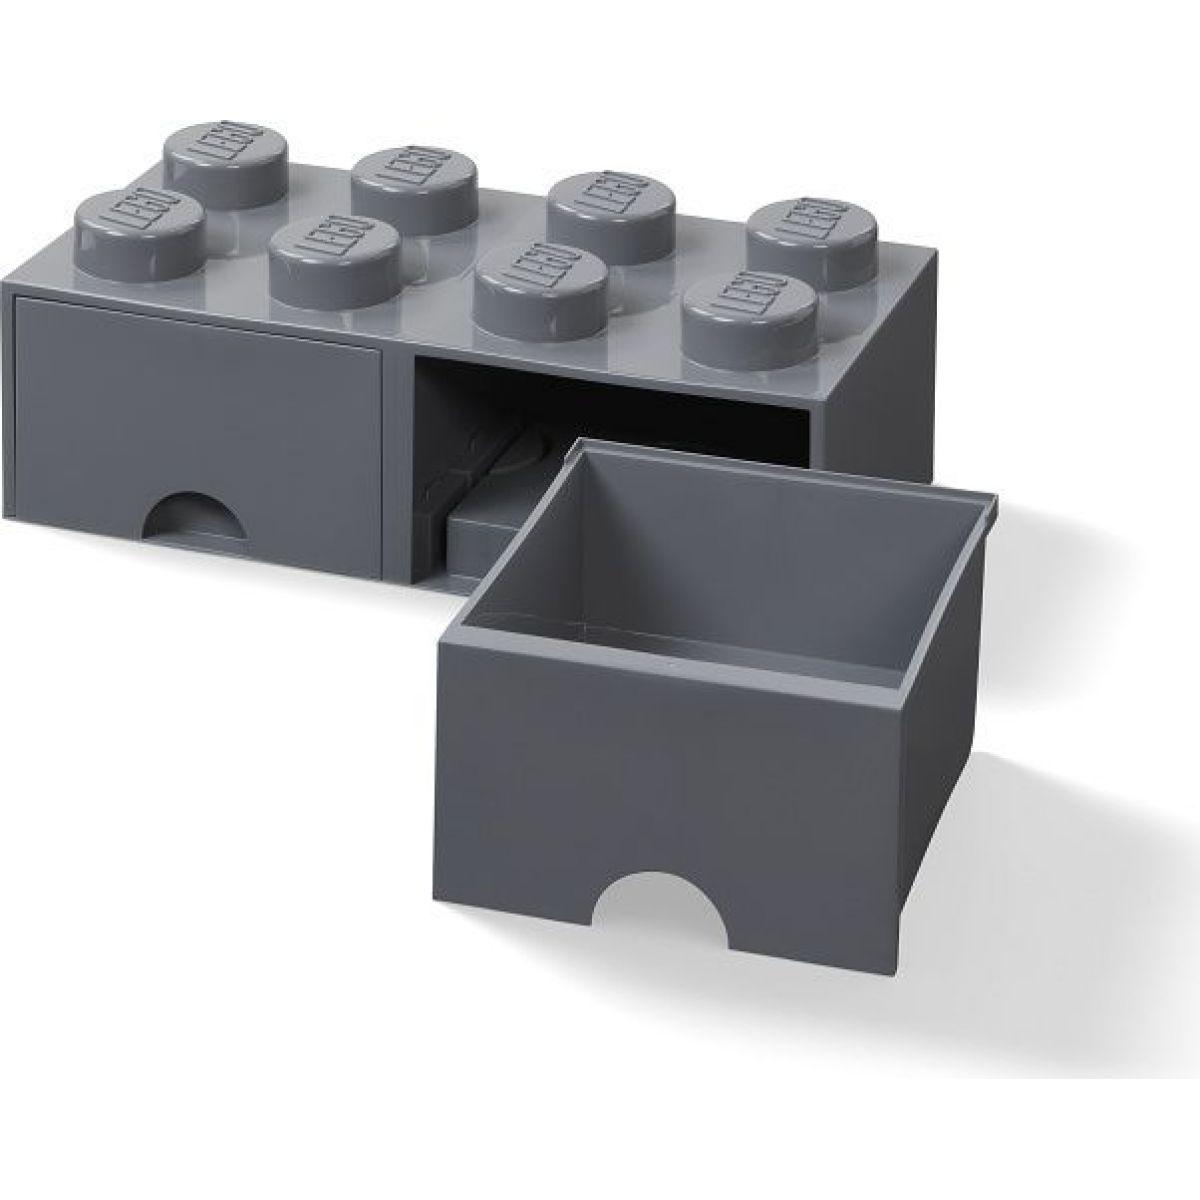 LEGO Úložný box 8 s šuplíky - tmavě šedá